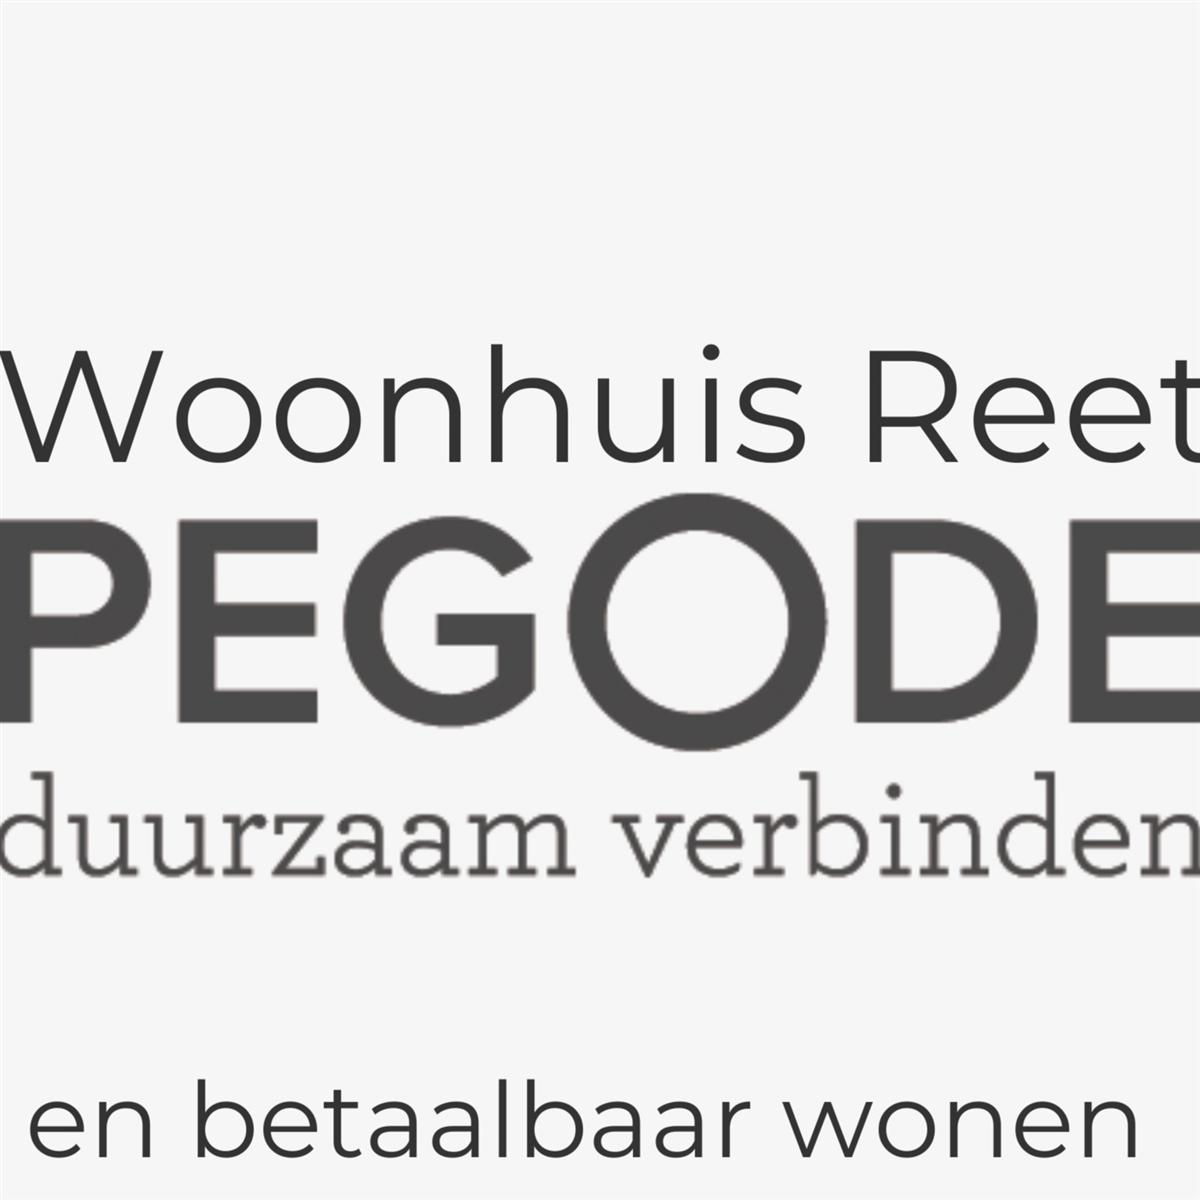 Woonhuis Reet Pegode vzw